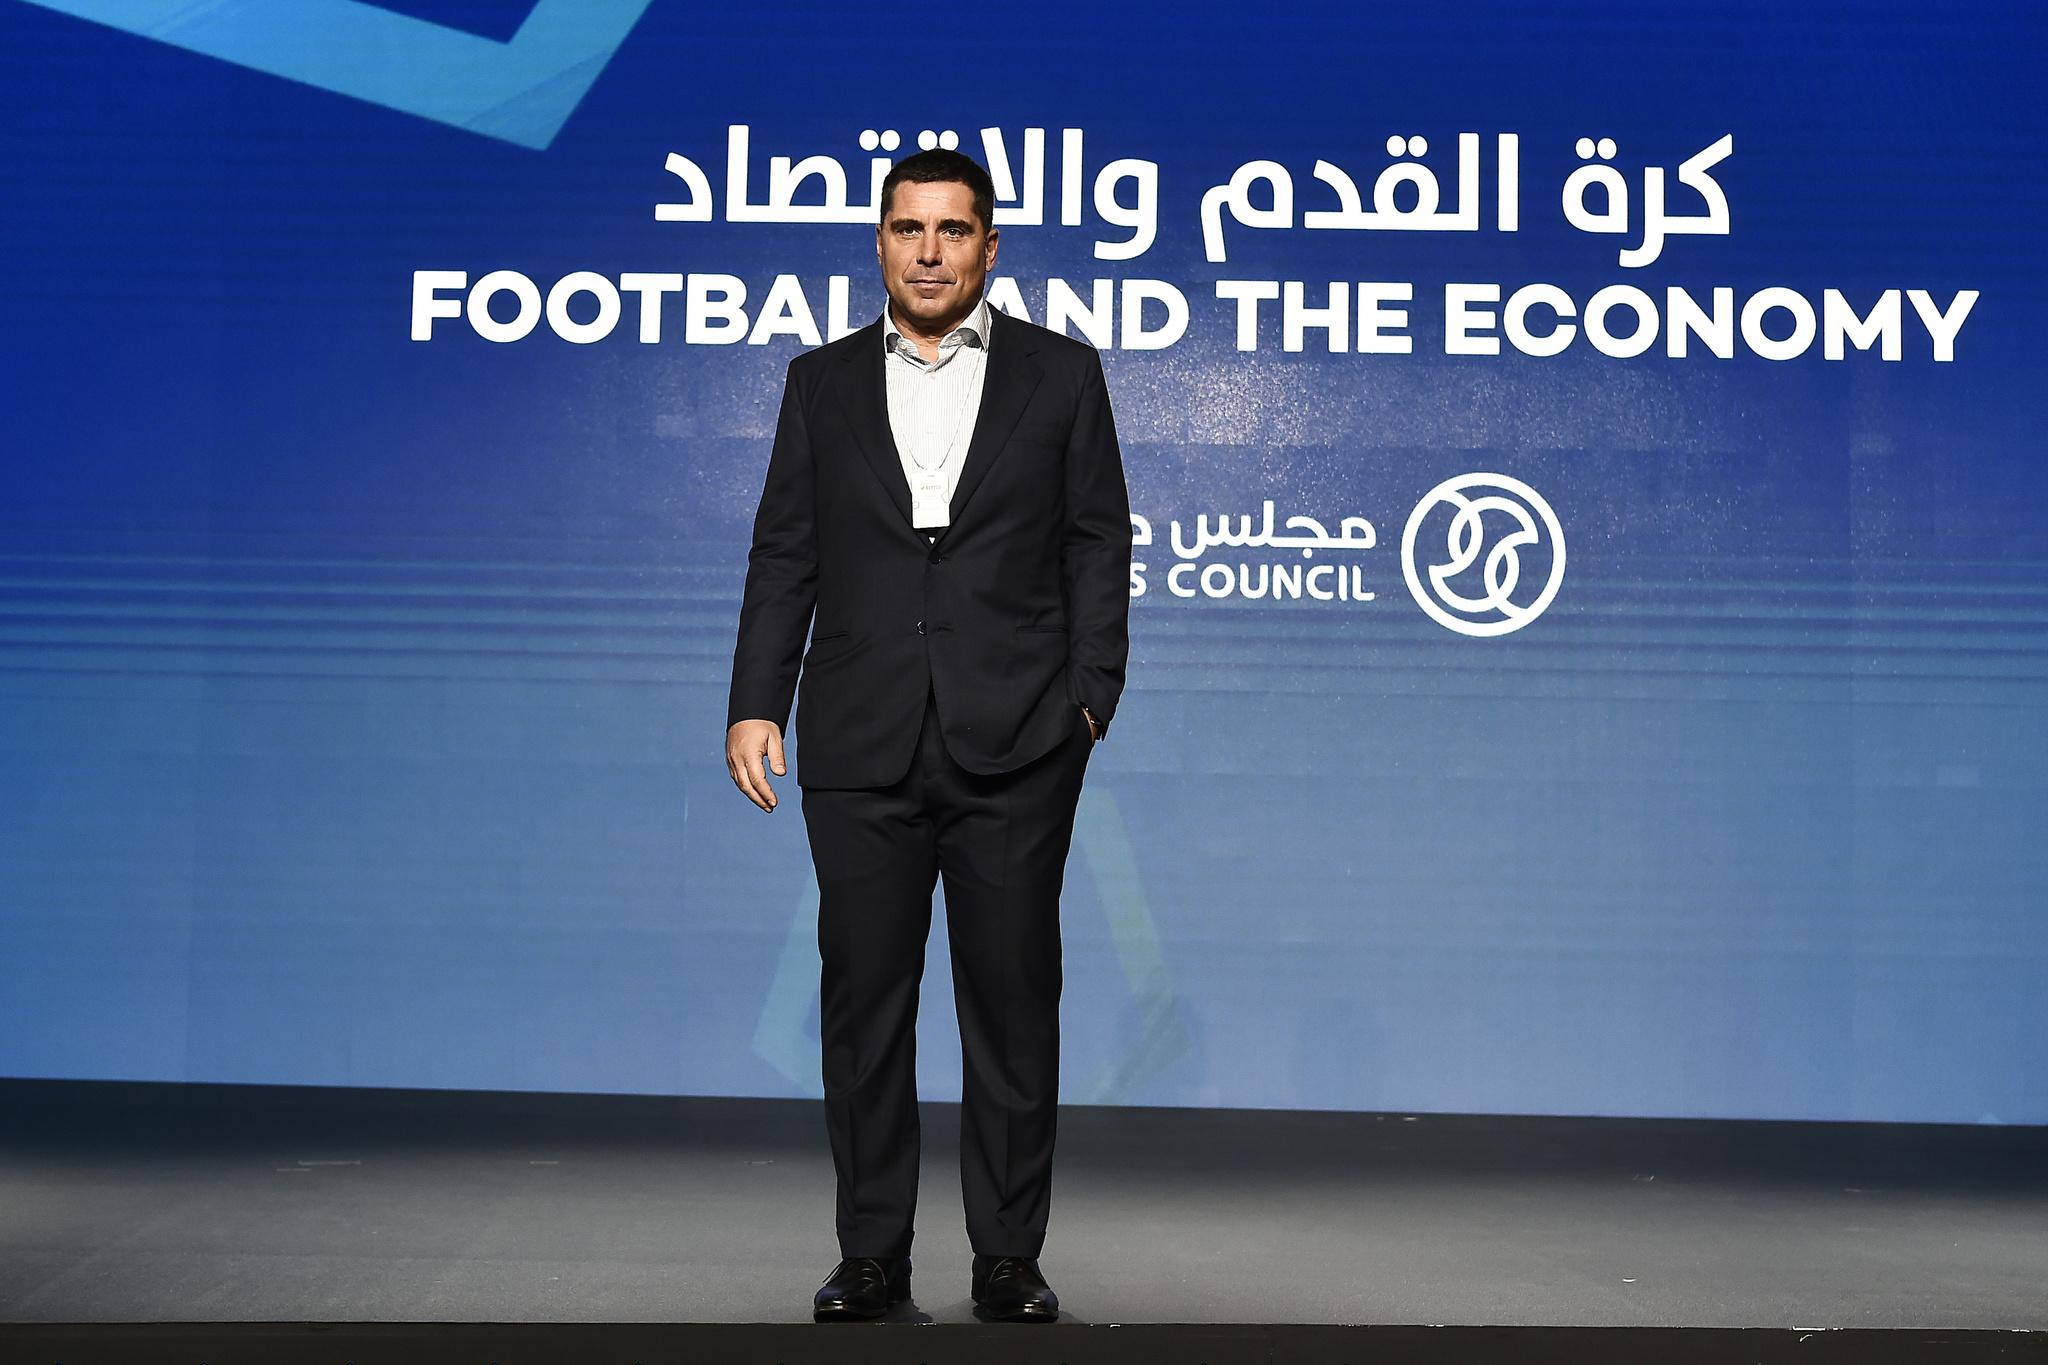 Riccardo Silva at the Globe Soccer Awards 2019 in Dubai